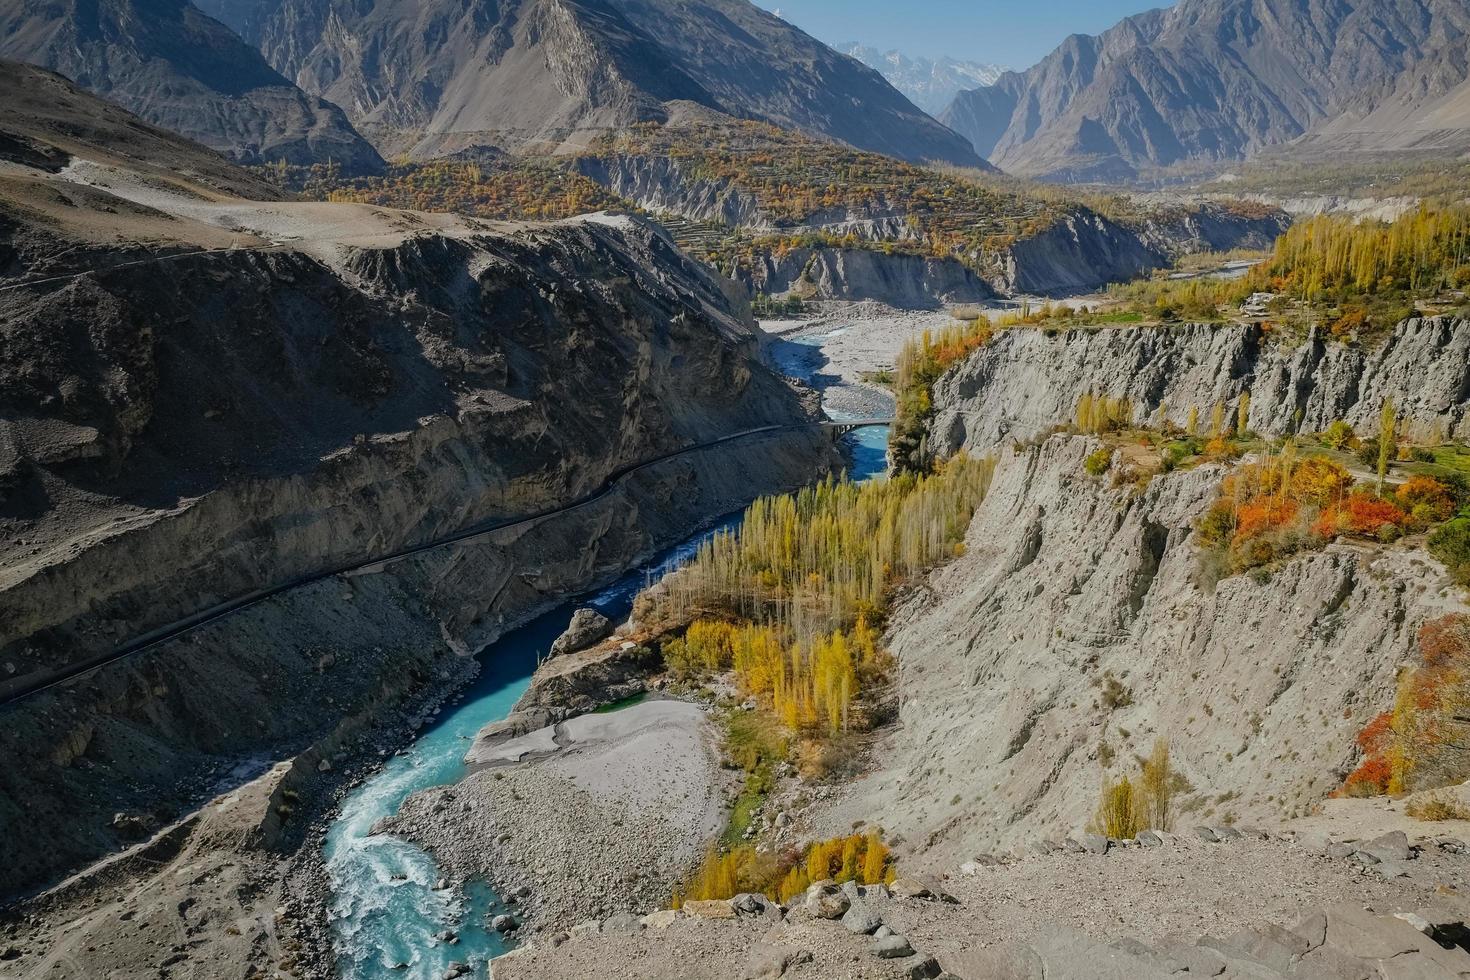 kronkelende rivier stroomt door bergketen foto